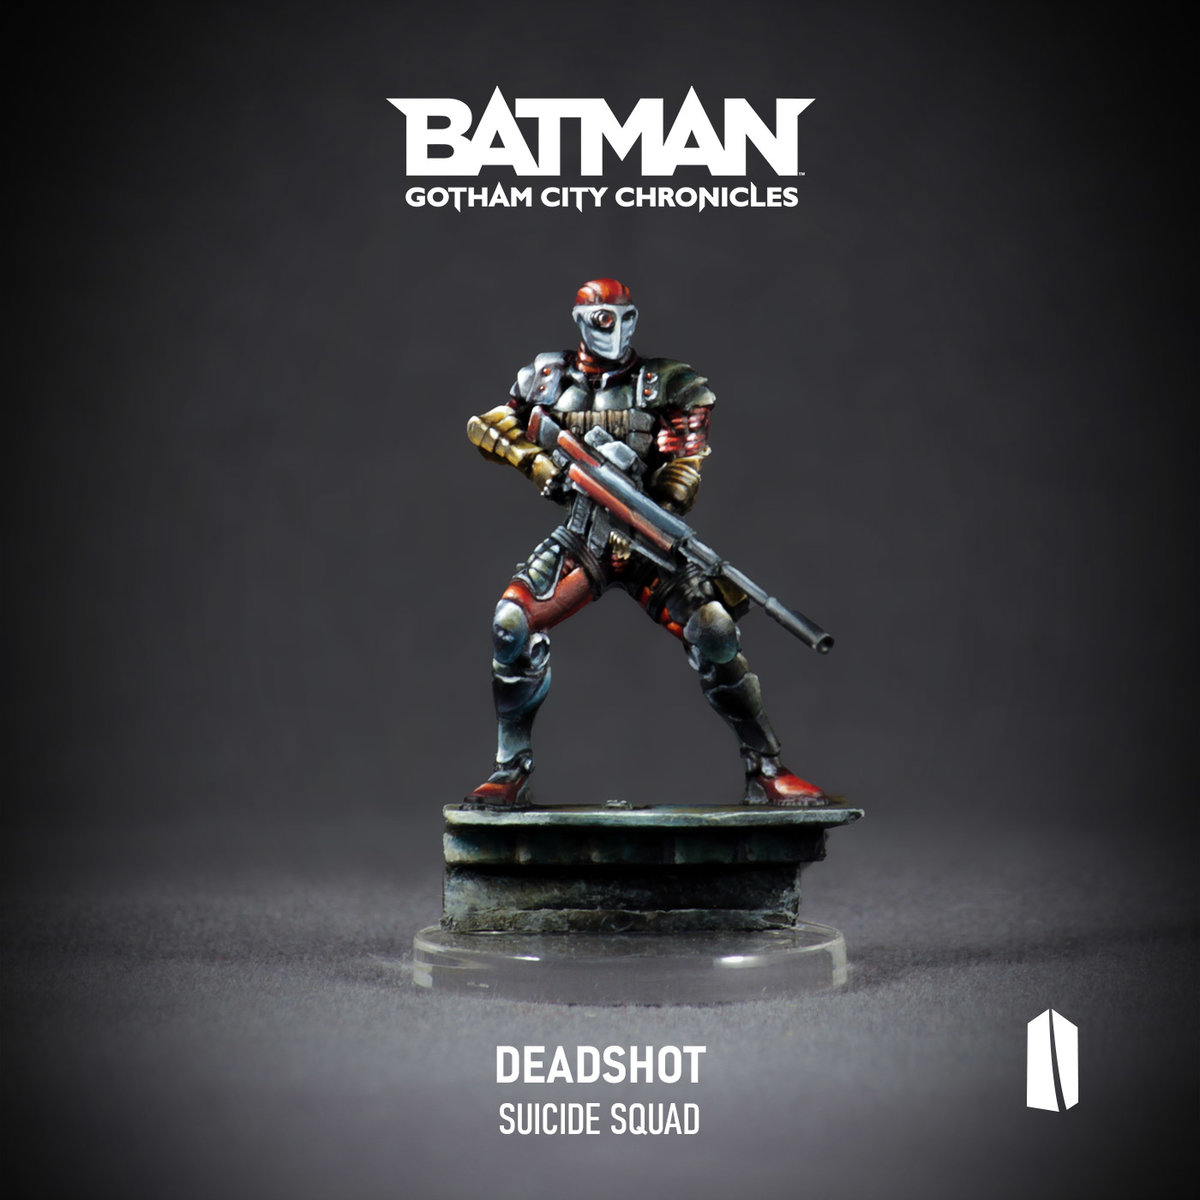 batmanGCC_deadshot_final.jpg